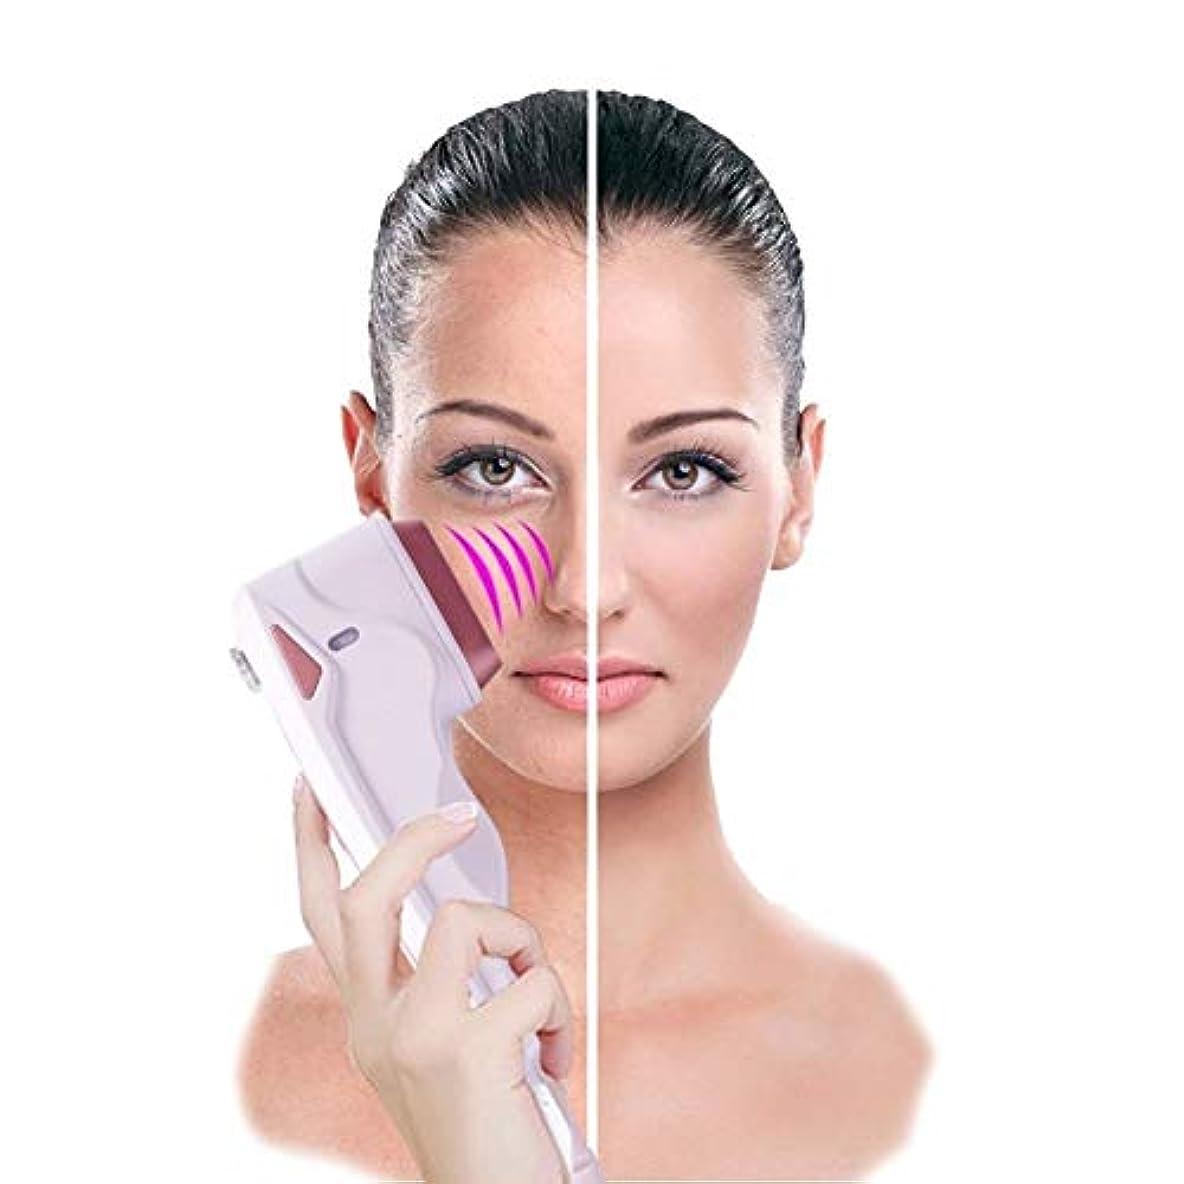 インセンティブ葉まとめる美顔術の持ち上がる機械振動無線周波数のしわは反老化のためのスキンケアの美装置を取り除きます、皮膚のきつく締まるガルバニック微電流の改装機械